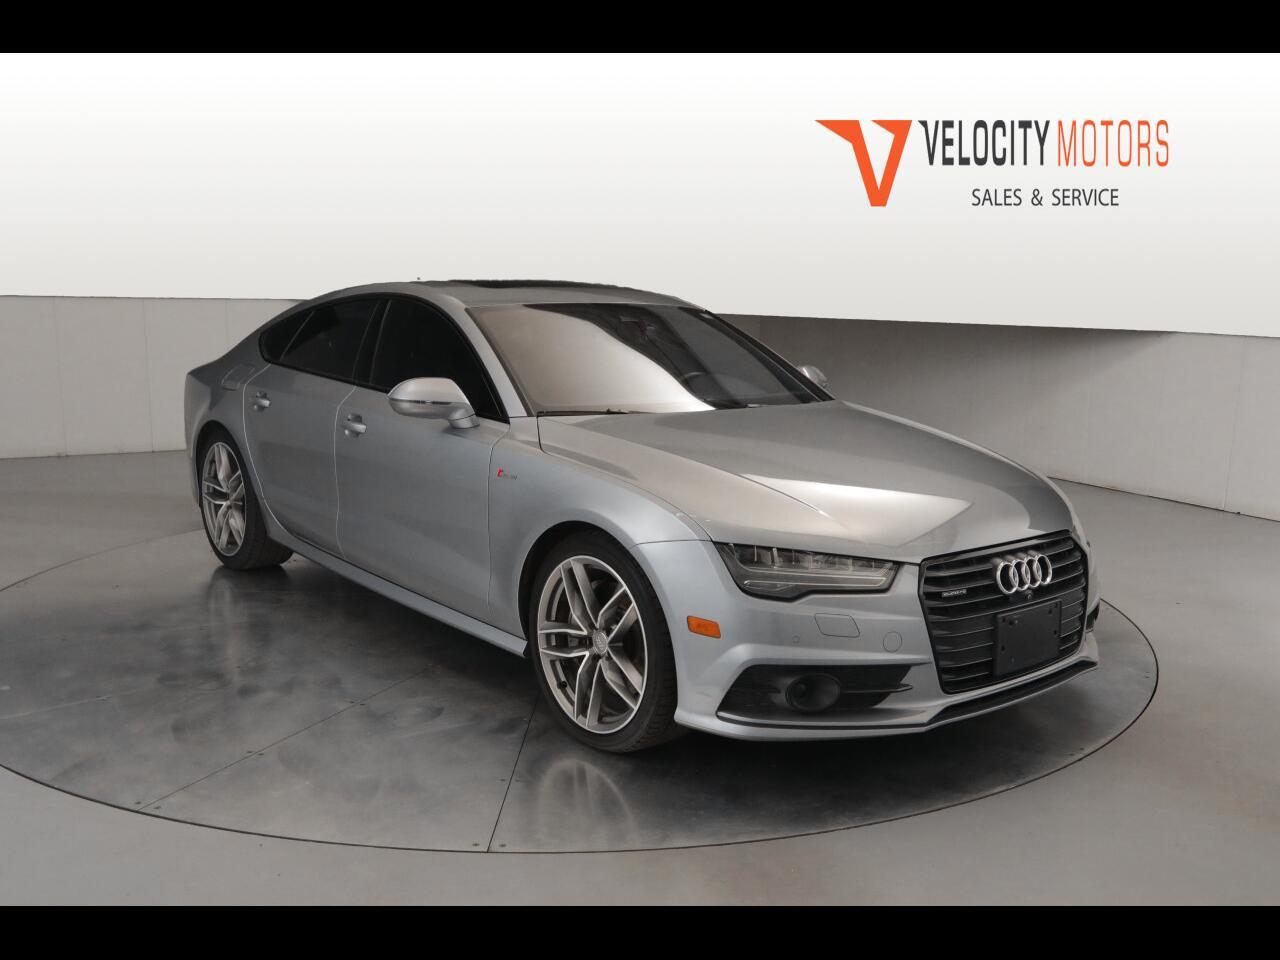 Audi A7 3.0 TFSI Premium Plus quattro 2016